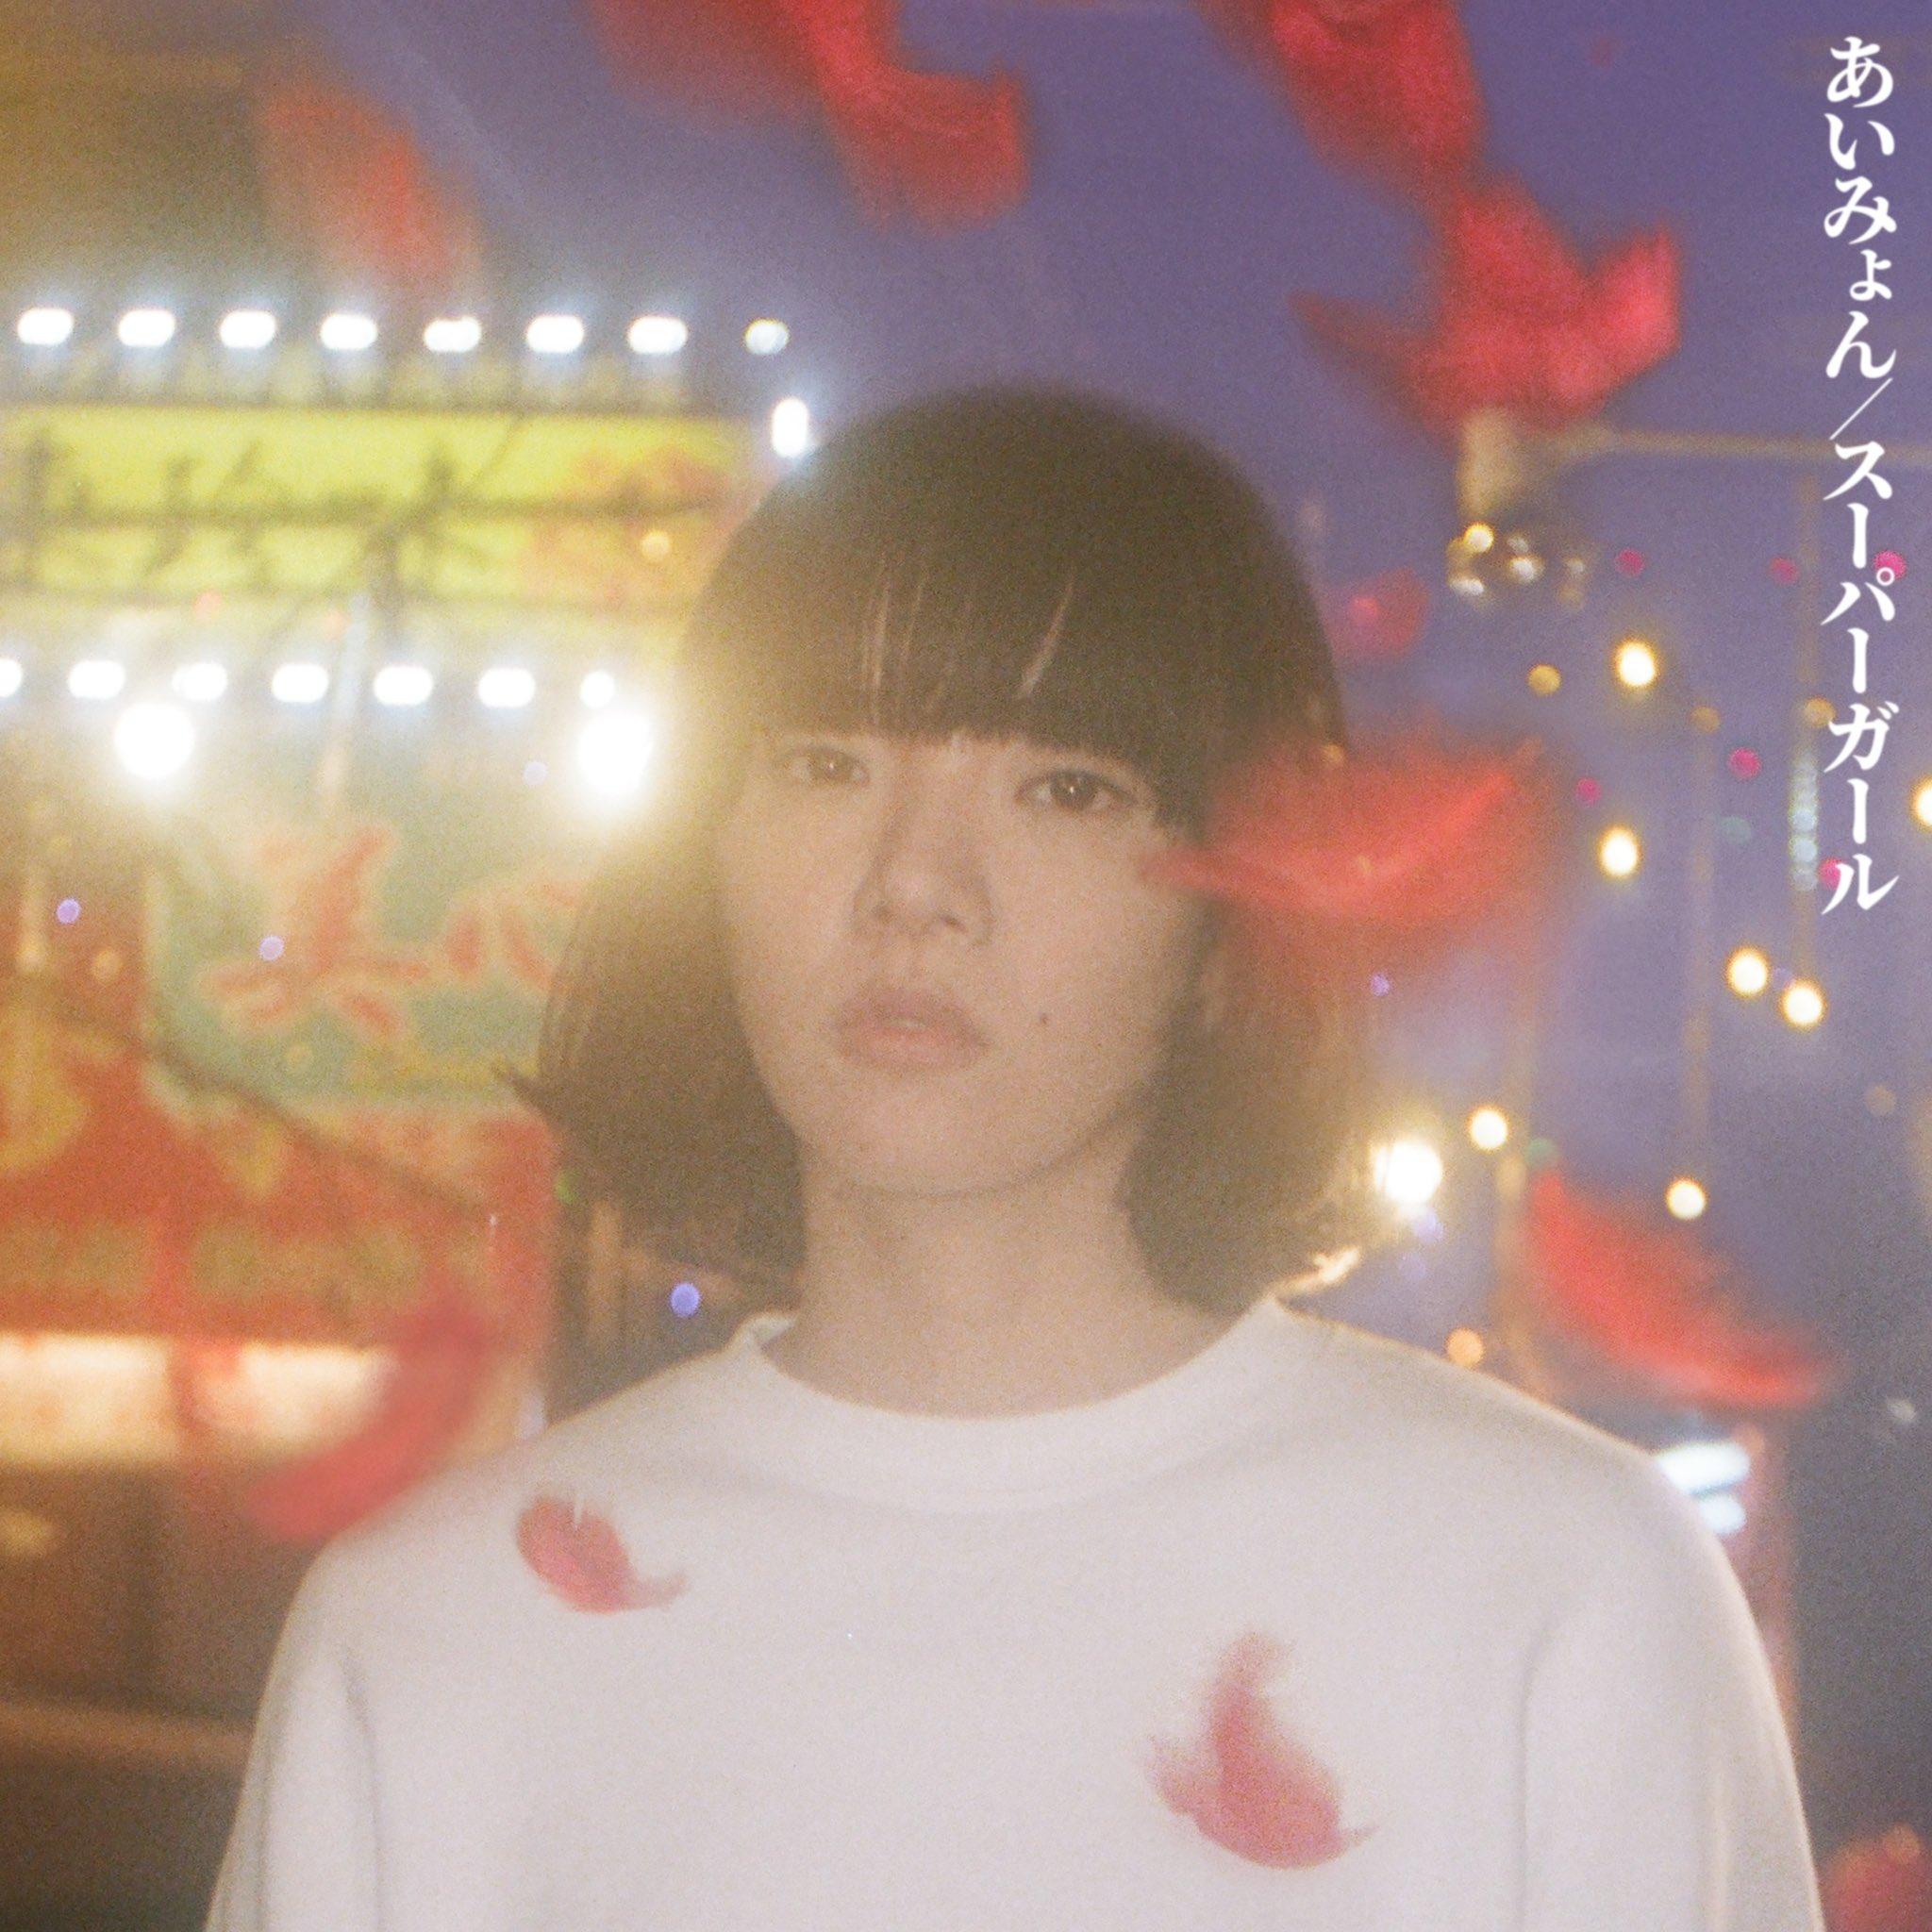 あいみょん - スーパーガール [2021.03.17+MP3+RAR]